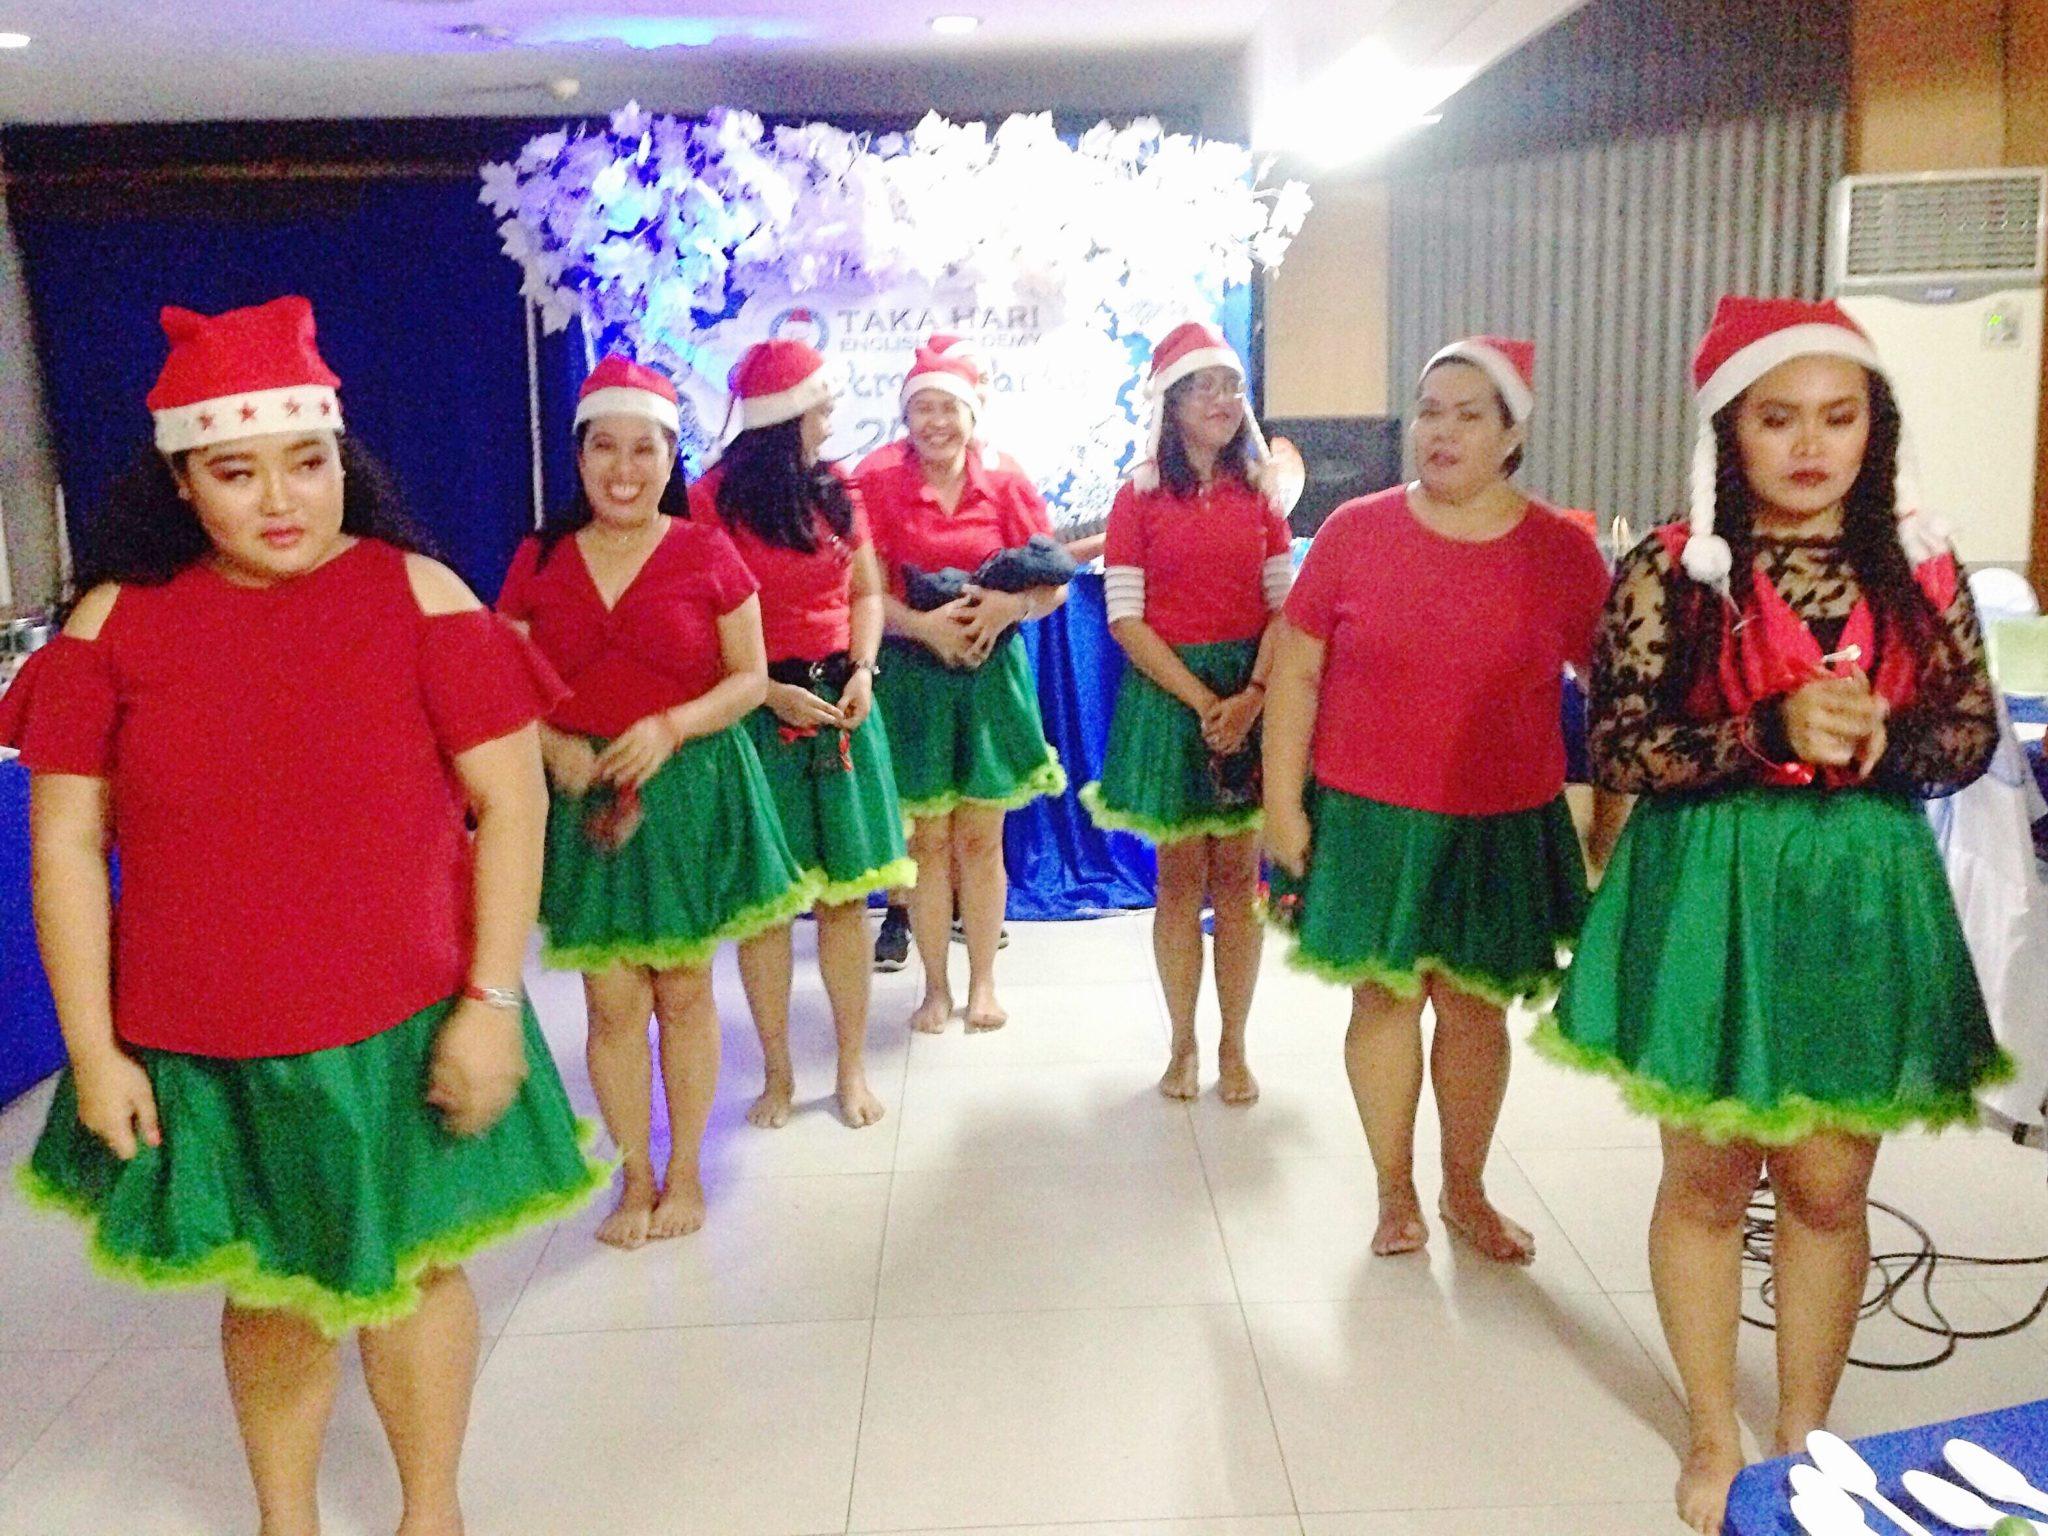 タカハリイングリッシュアカデミーのクリスマス